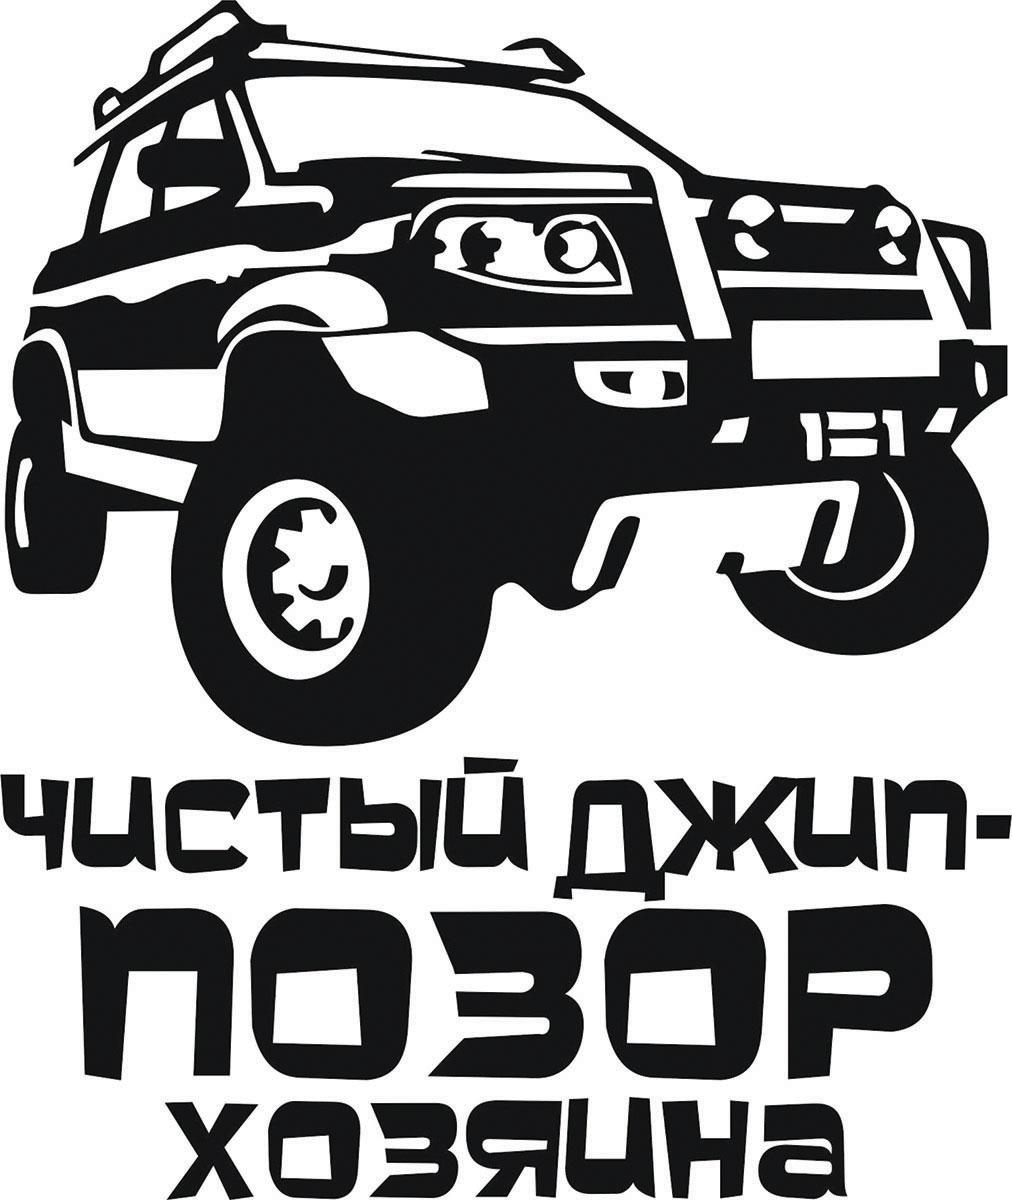 Наклейка автомобильная Оранжевый слоник Чистый джип - позор хозяина, виниловая, цвет: черный